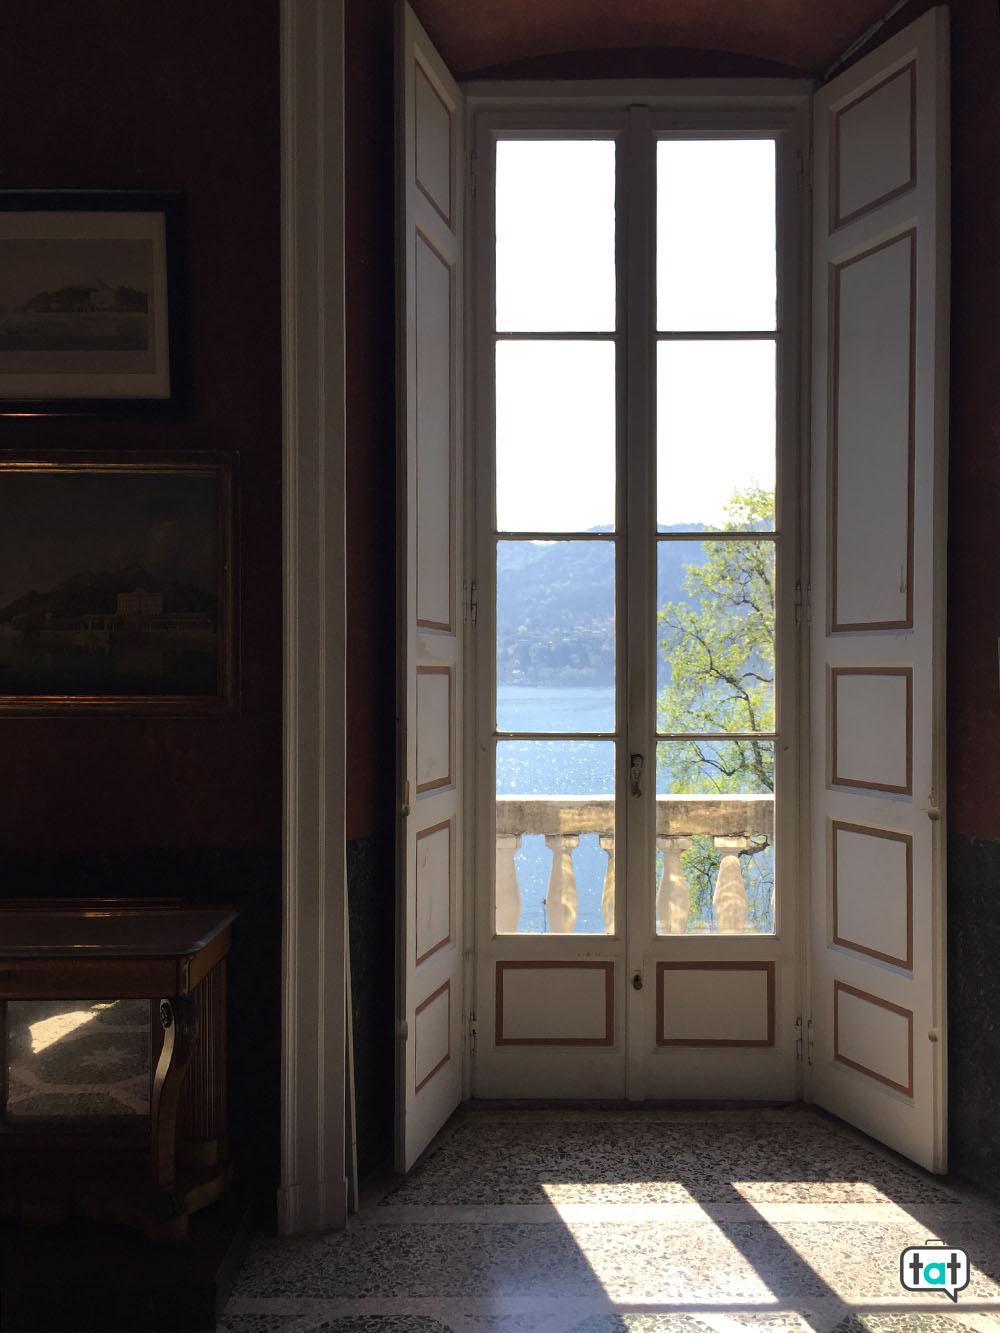 villa carlotta interno finestra